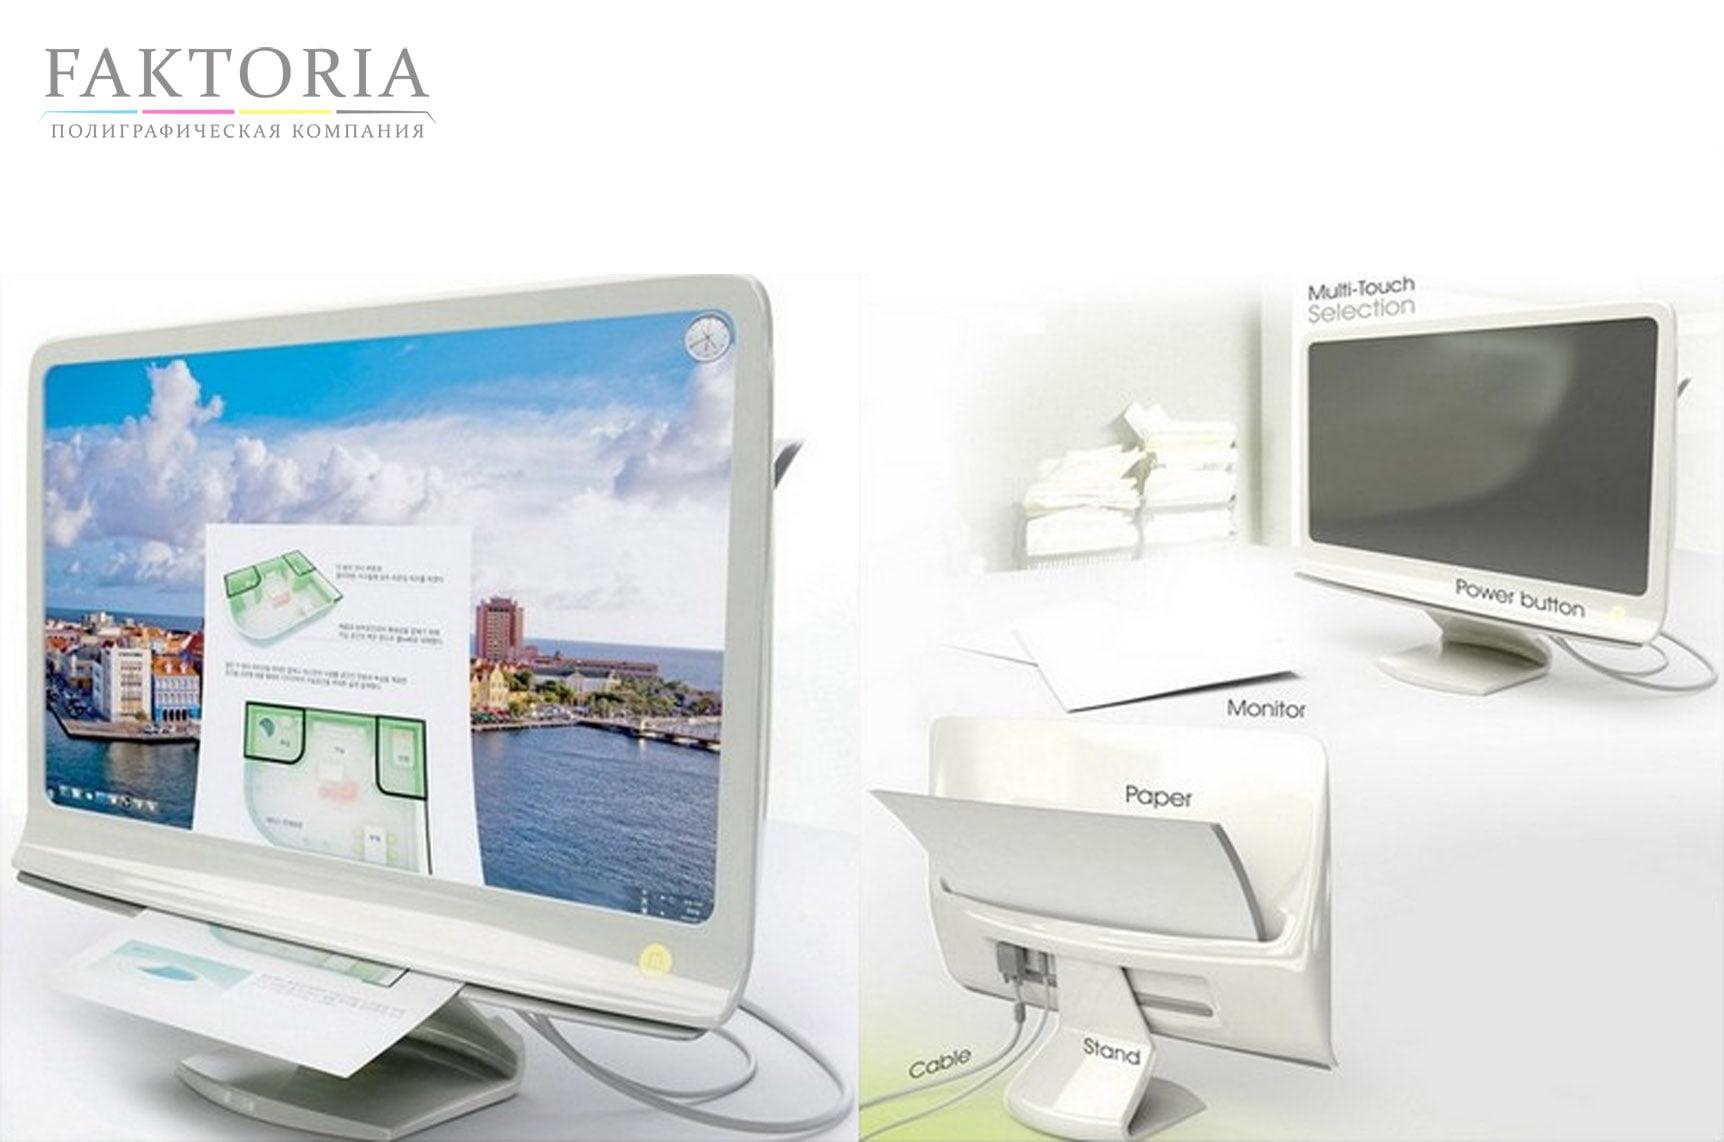 Combi Monitor гибрид принтера и монитора